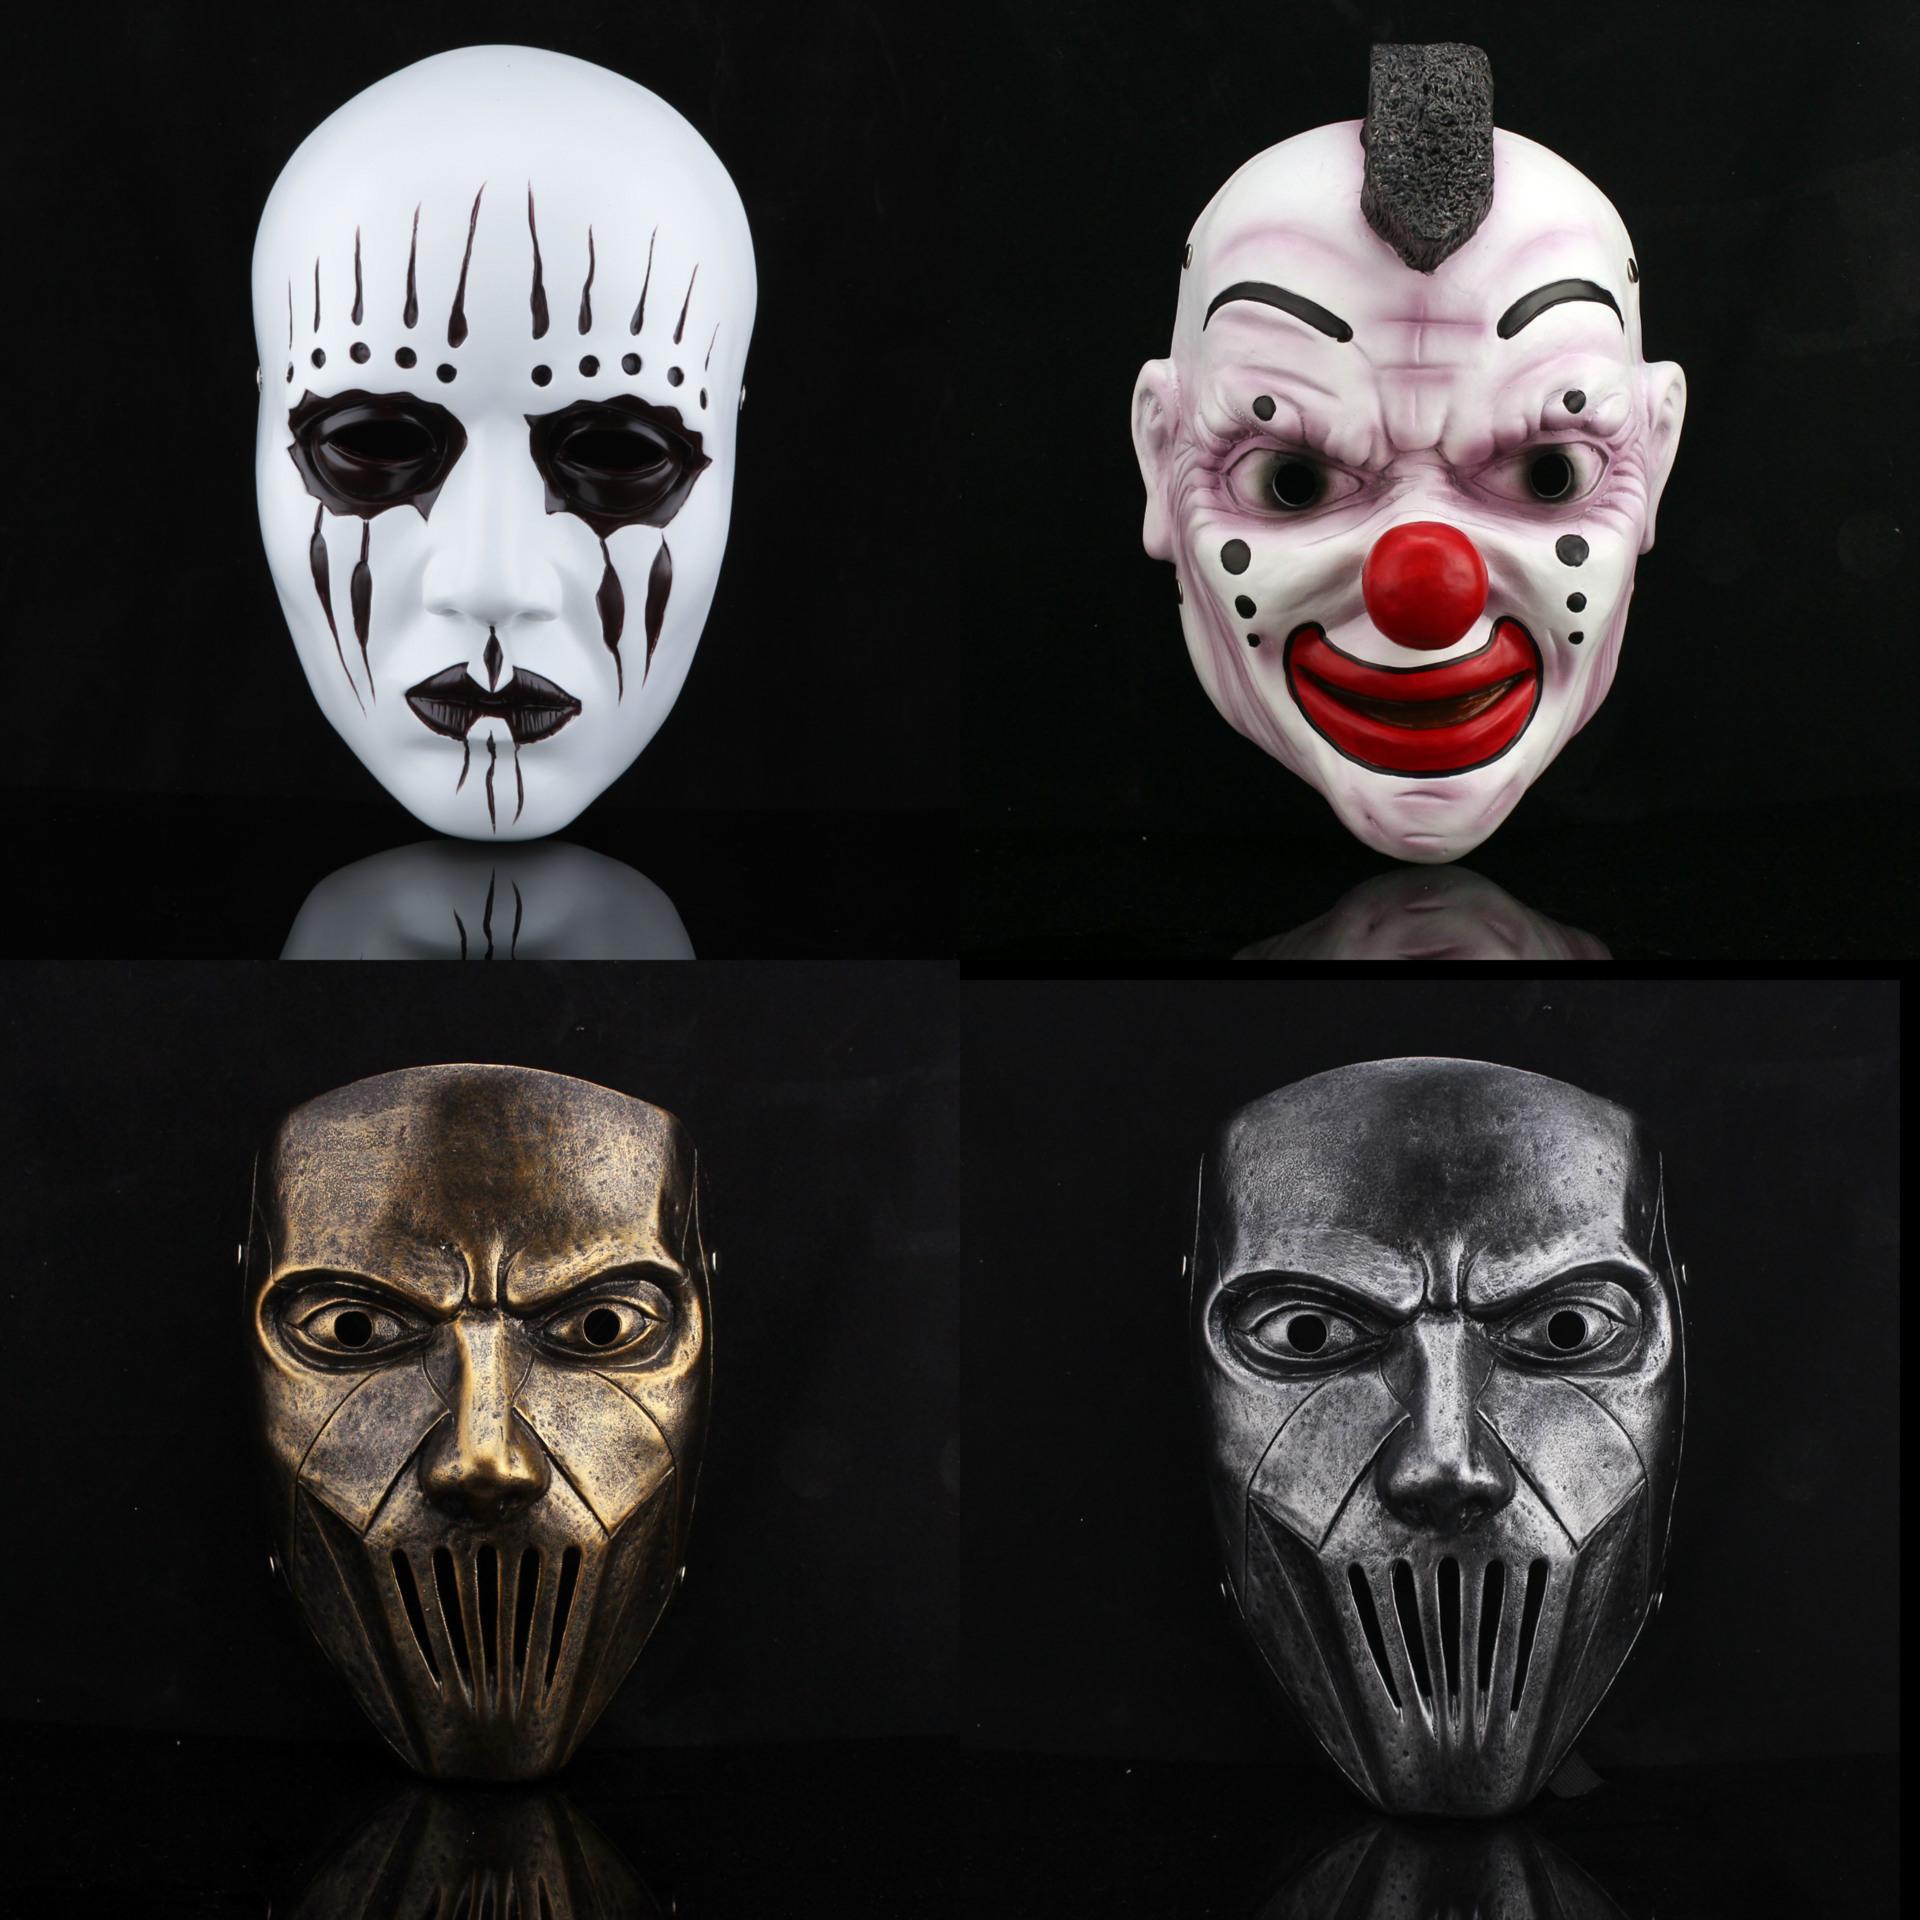 Slipknot's Theme Resin Band Slipknot Joey Lead Singer Mask ...